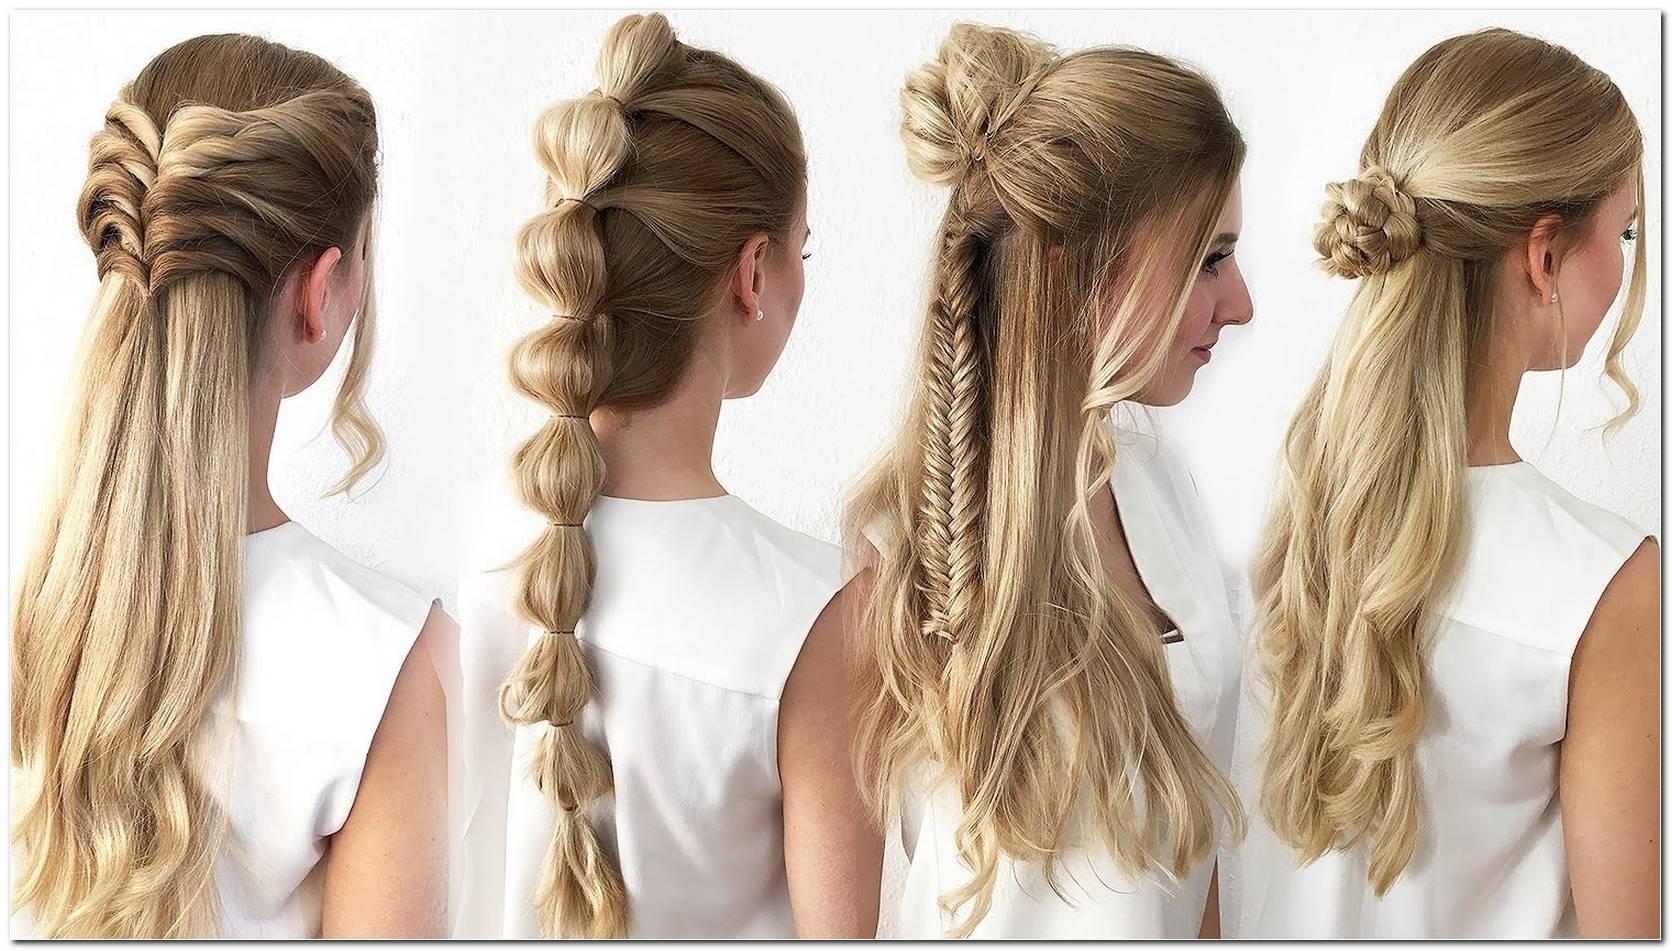 Frisuren Schnell Und Einfach FüR Lange Haare